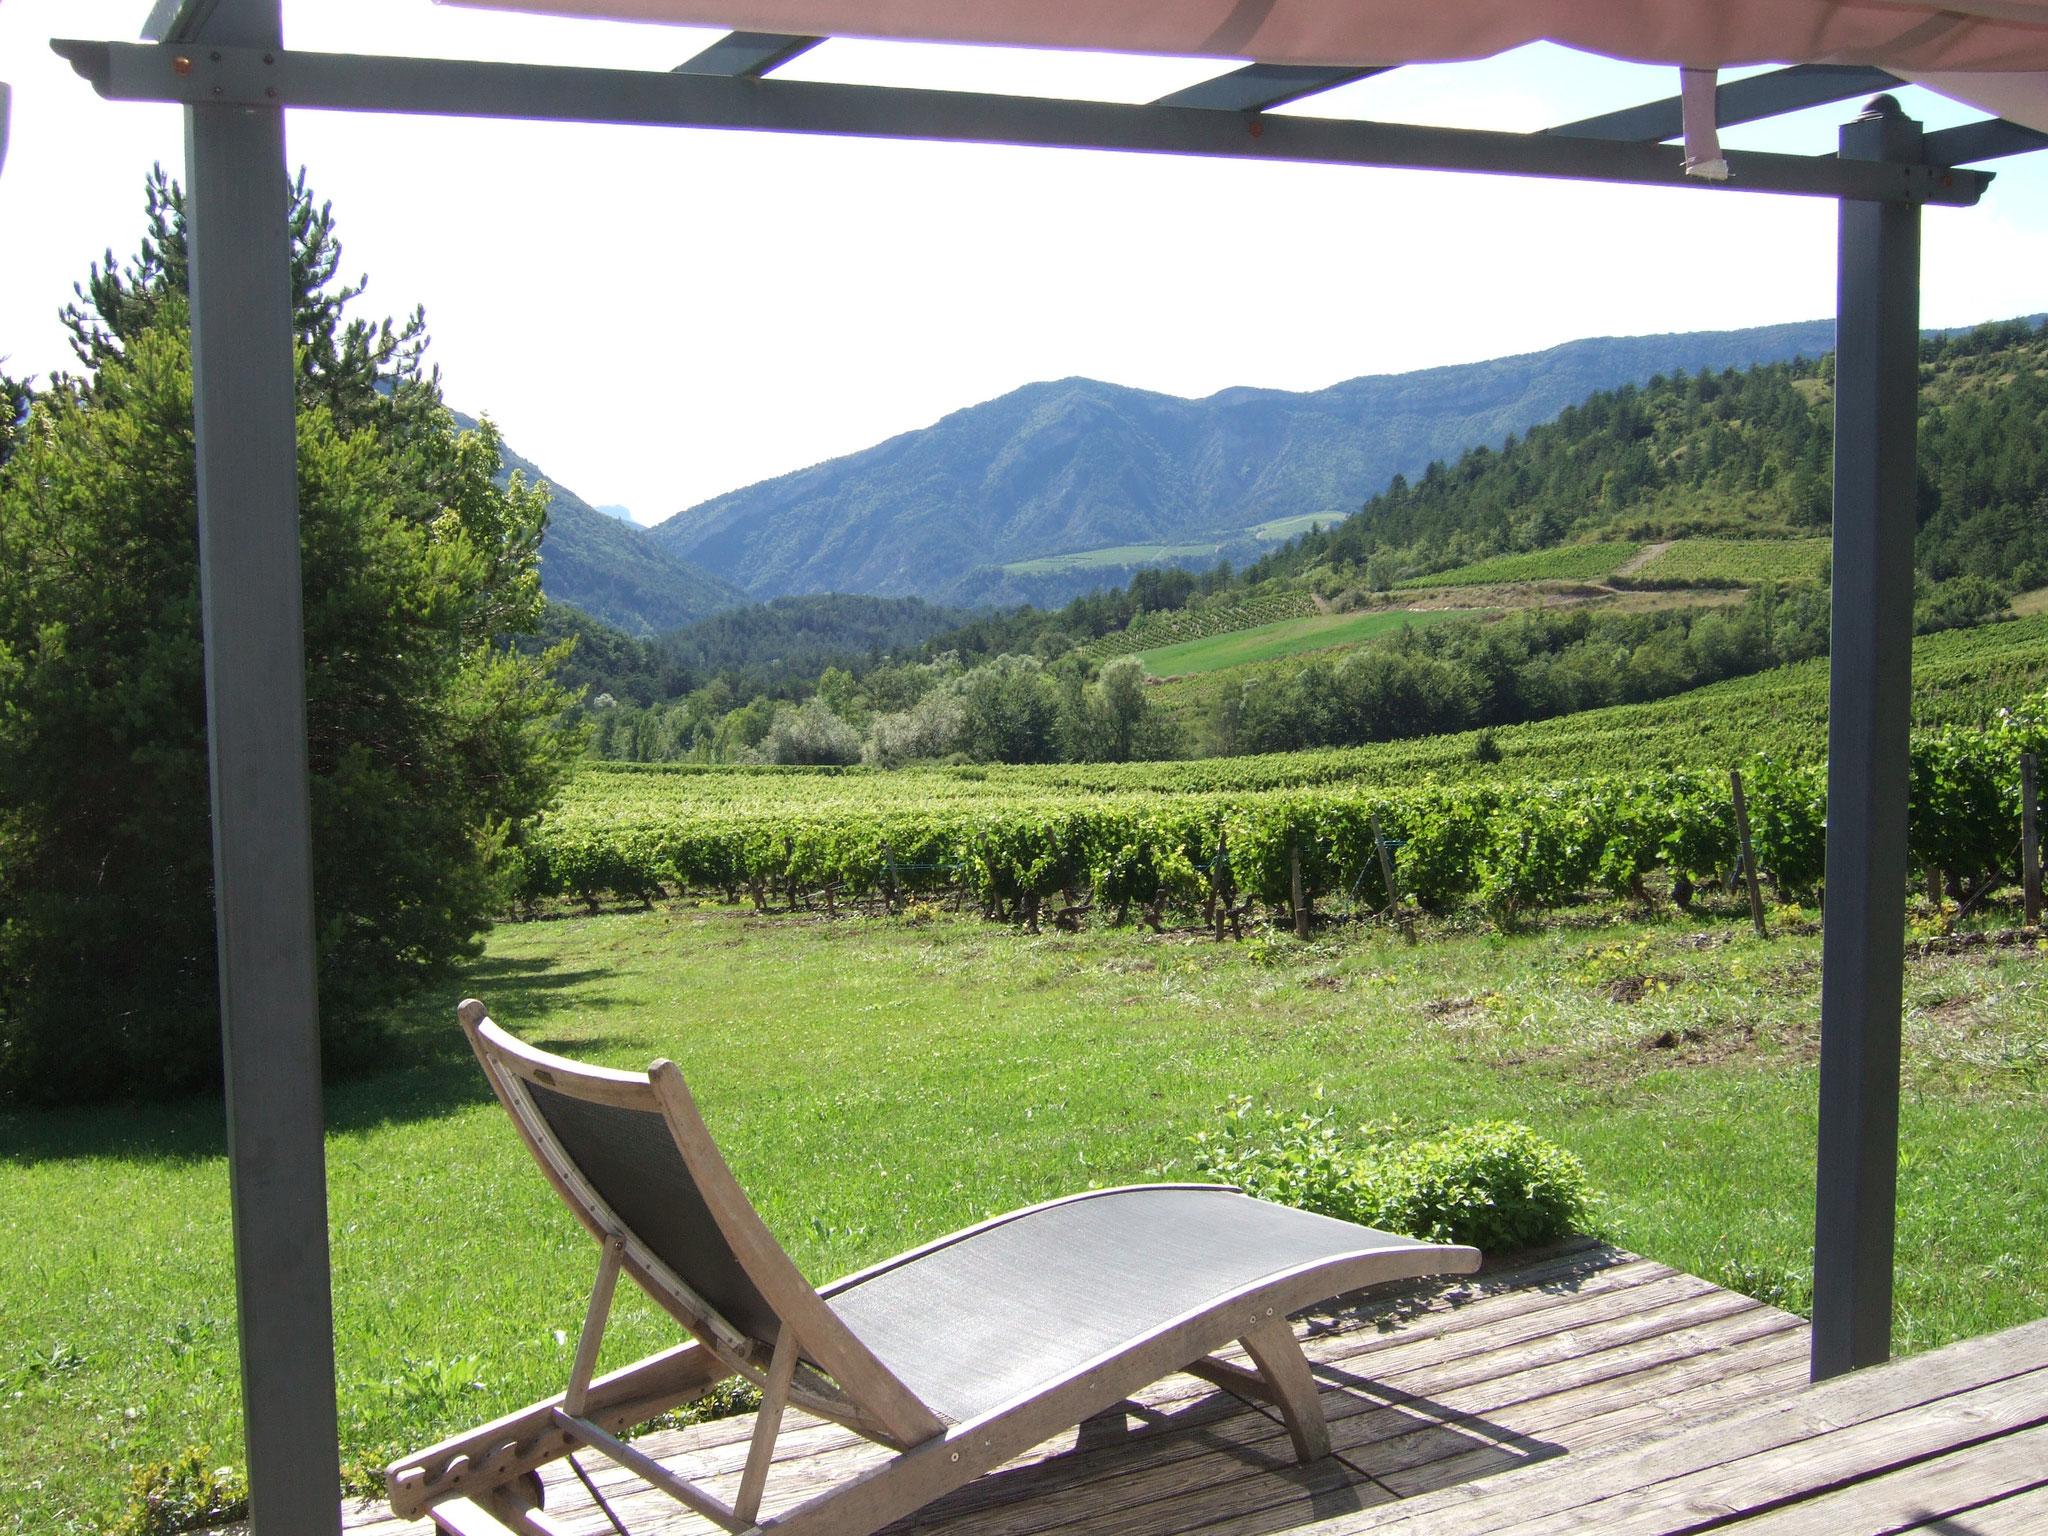 aan de rand van de wijnvelden